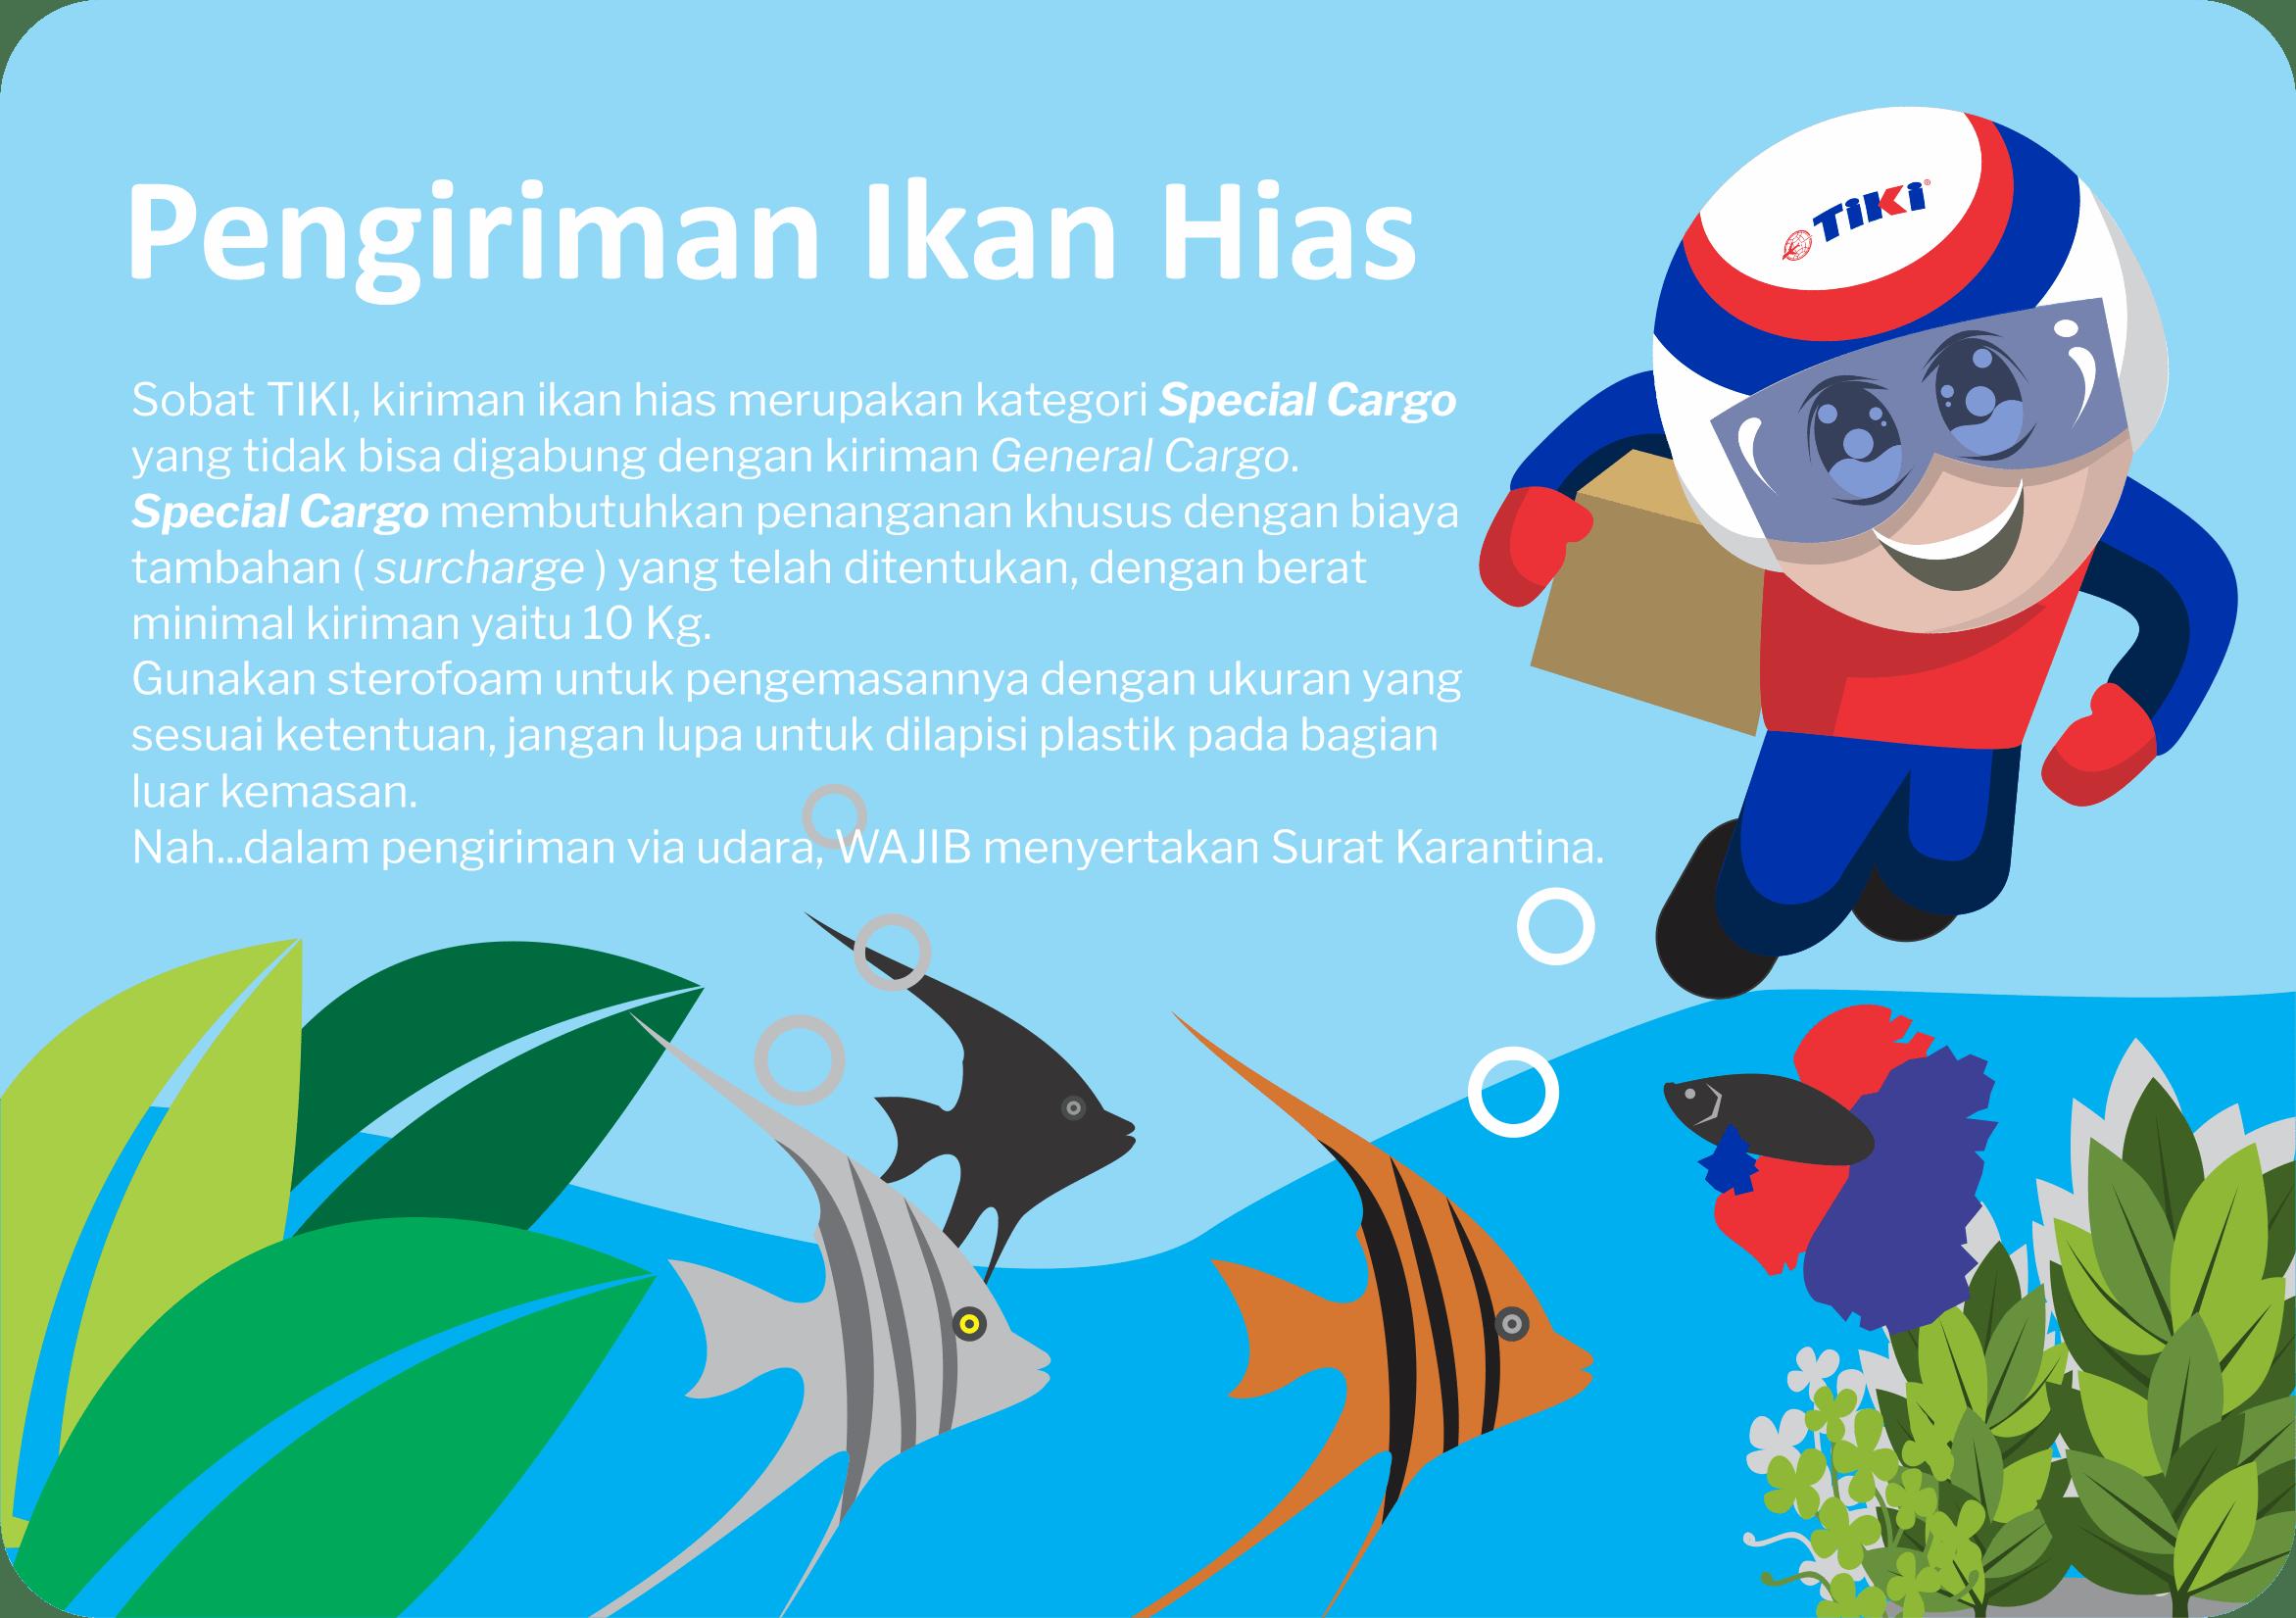 TIKI bisa kirim ikan hias